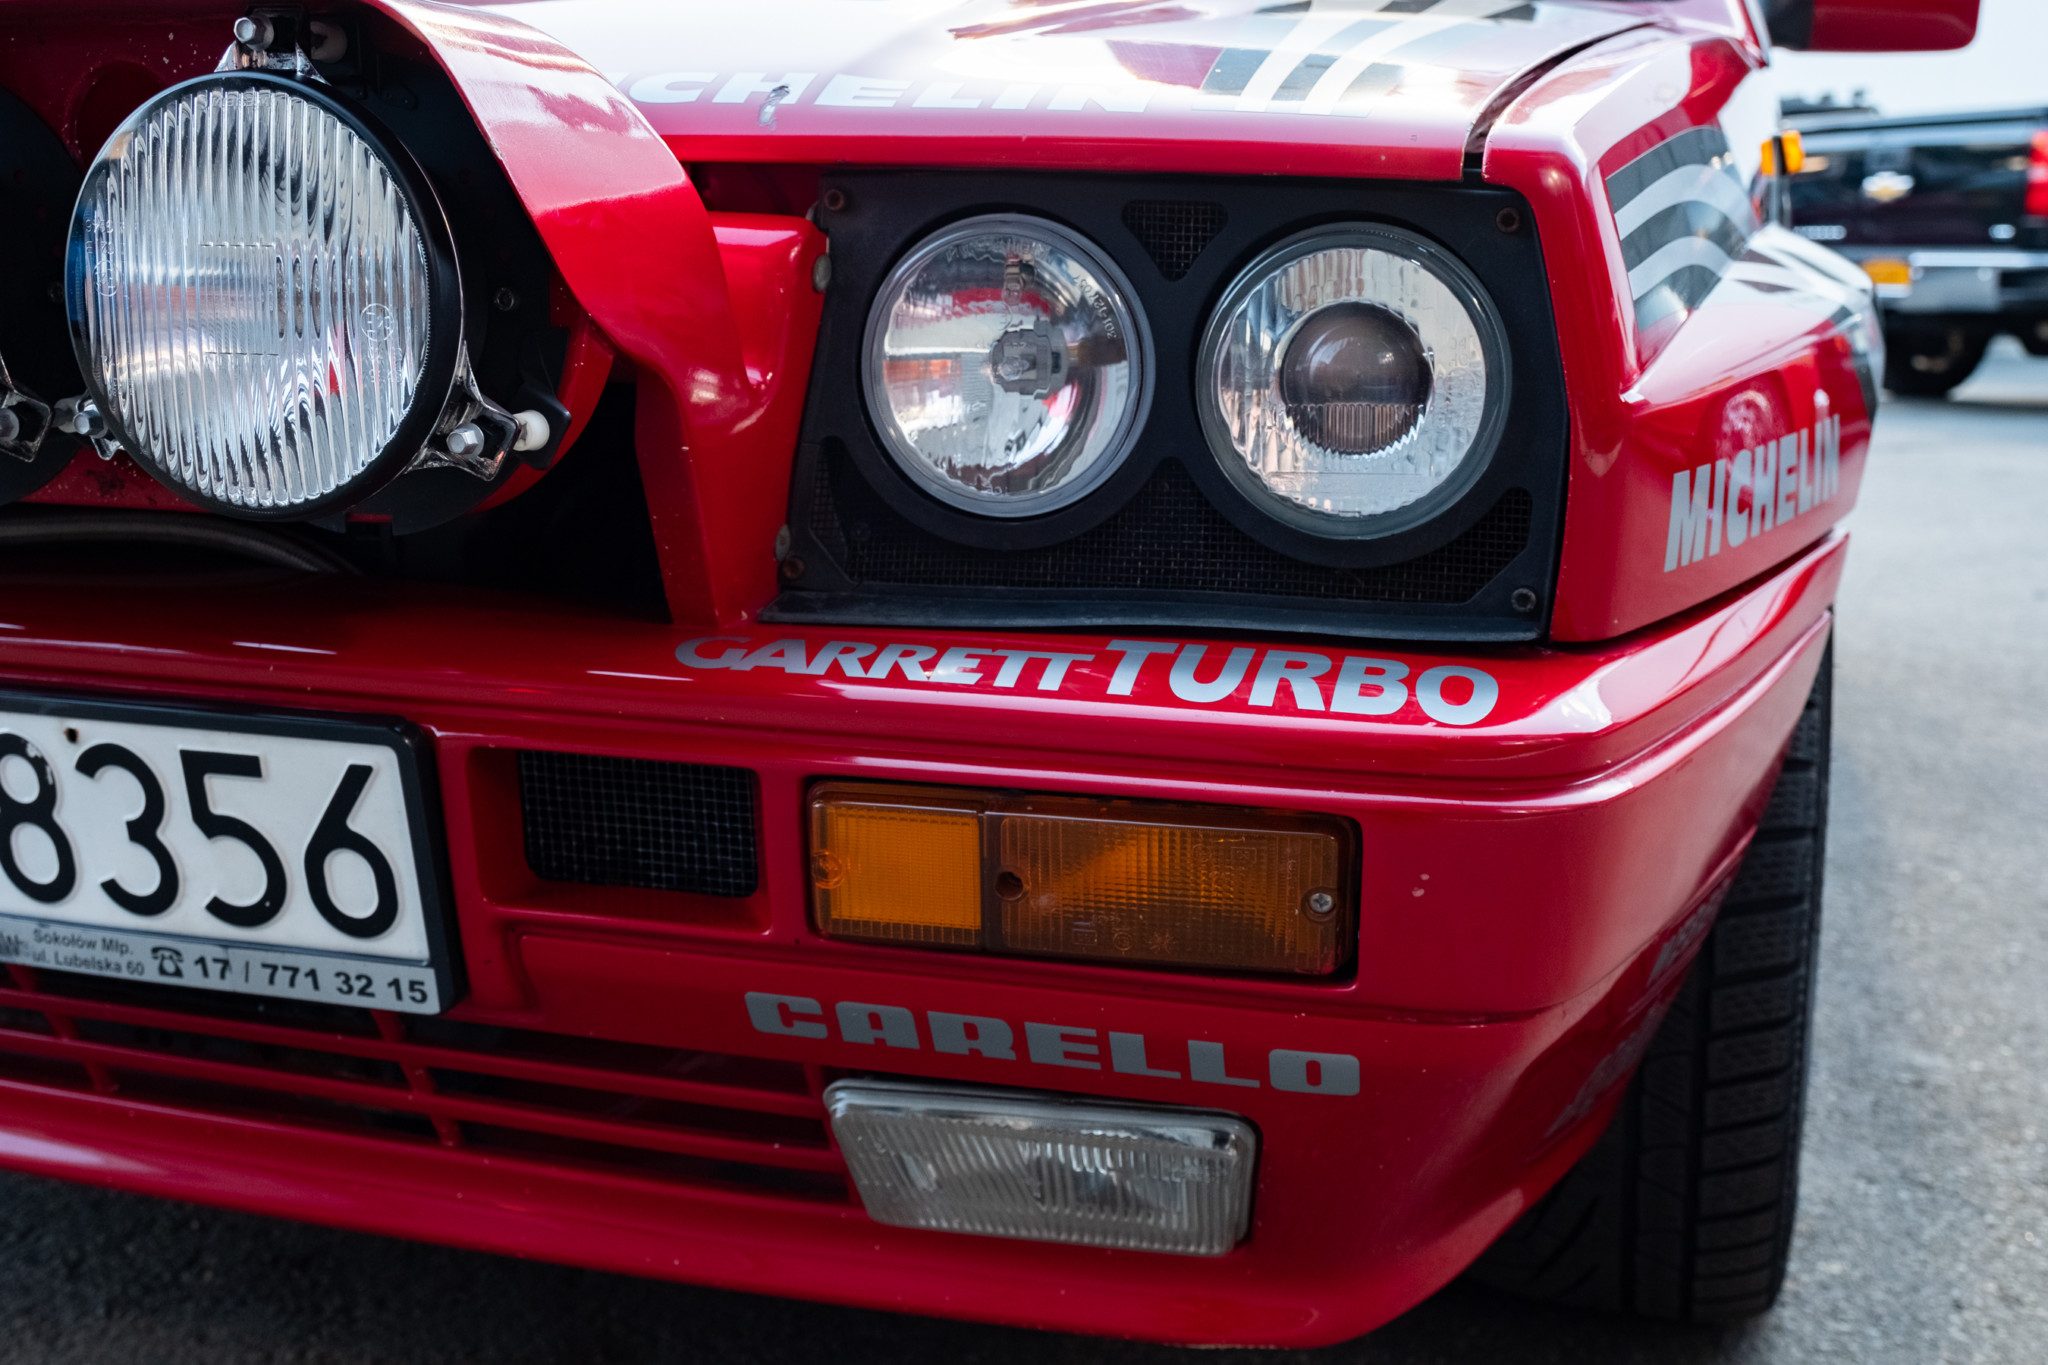 Lancia-Delta-Integrale-1989-for-sale-56